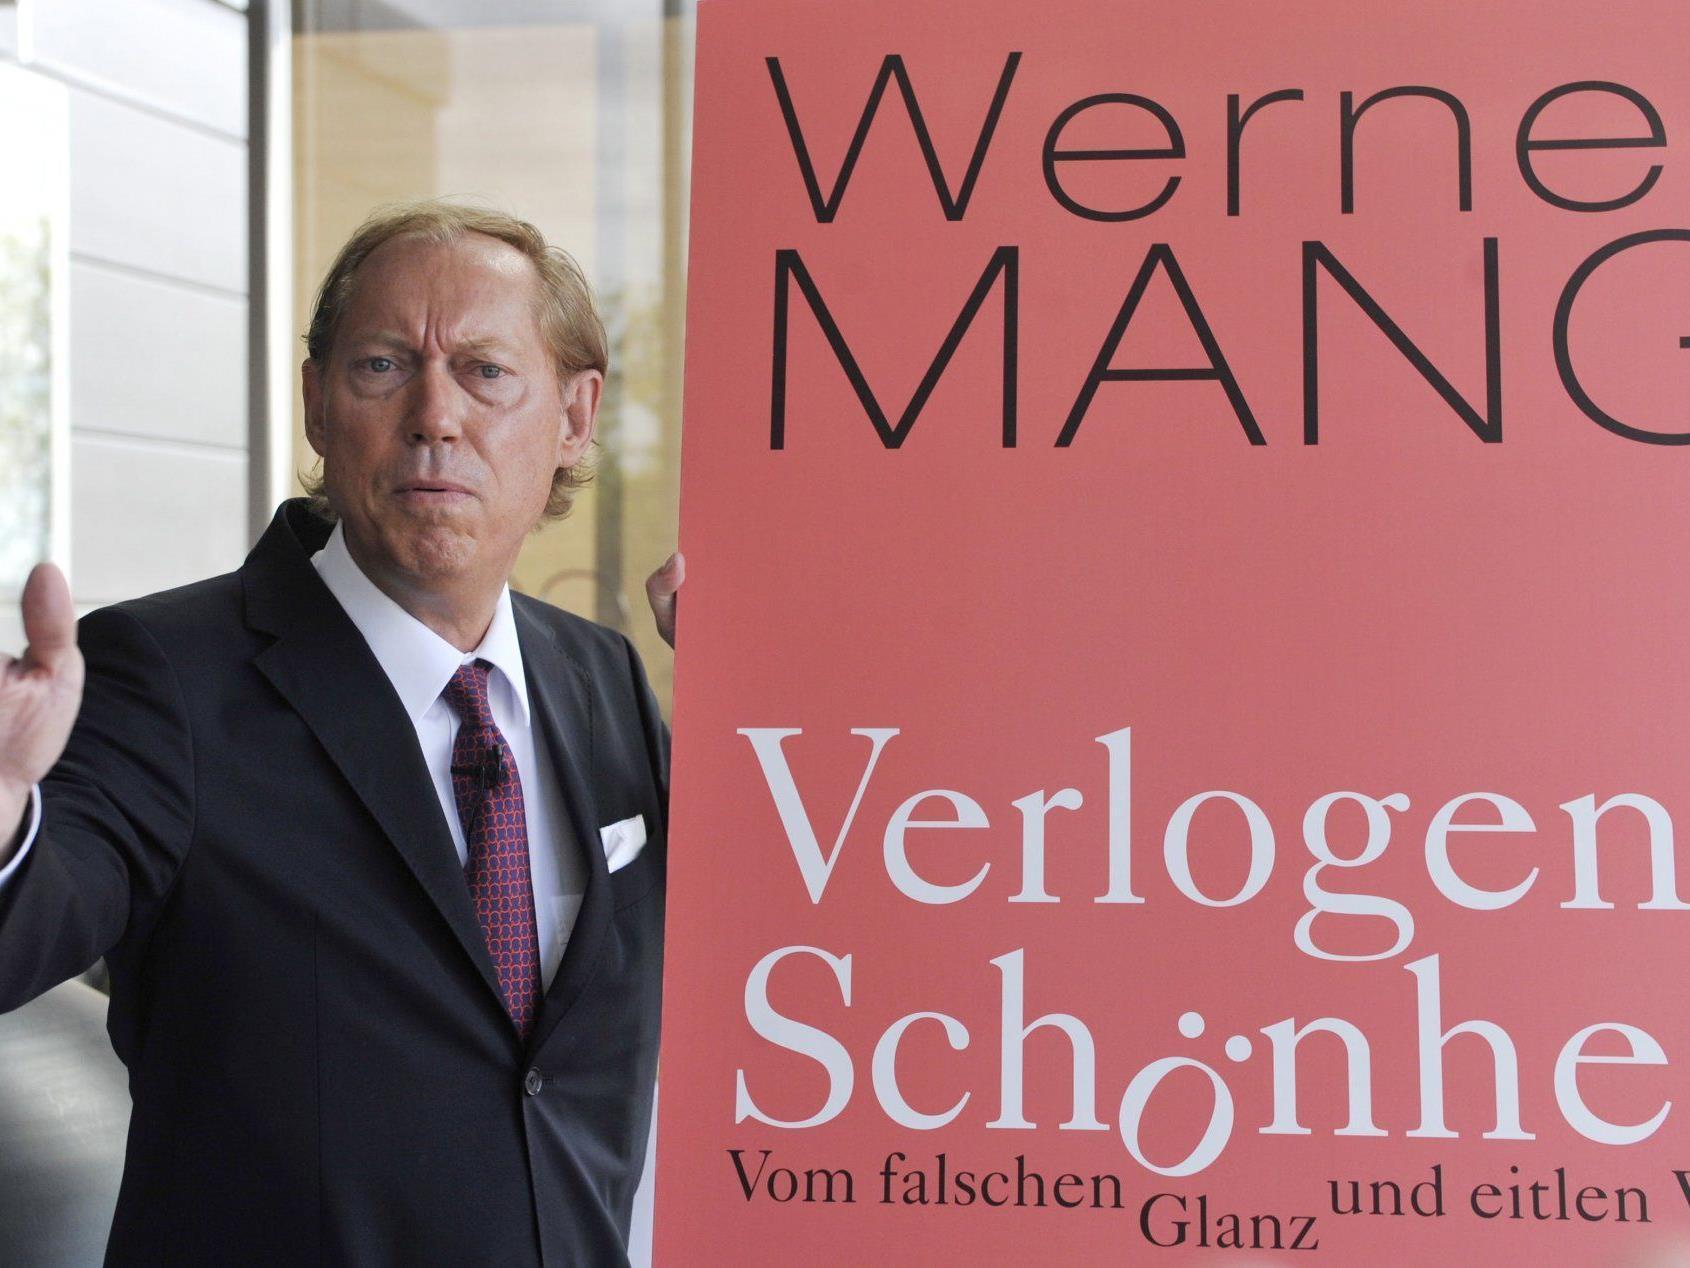 """Werner Mang und sein Buch """"verlogene Schönheit"""": Gegen den Autor und Chirurgen wird ermittelt."""